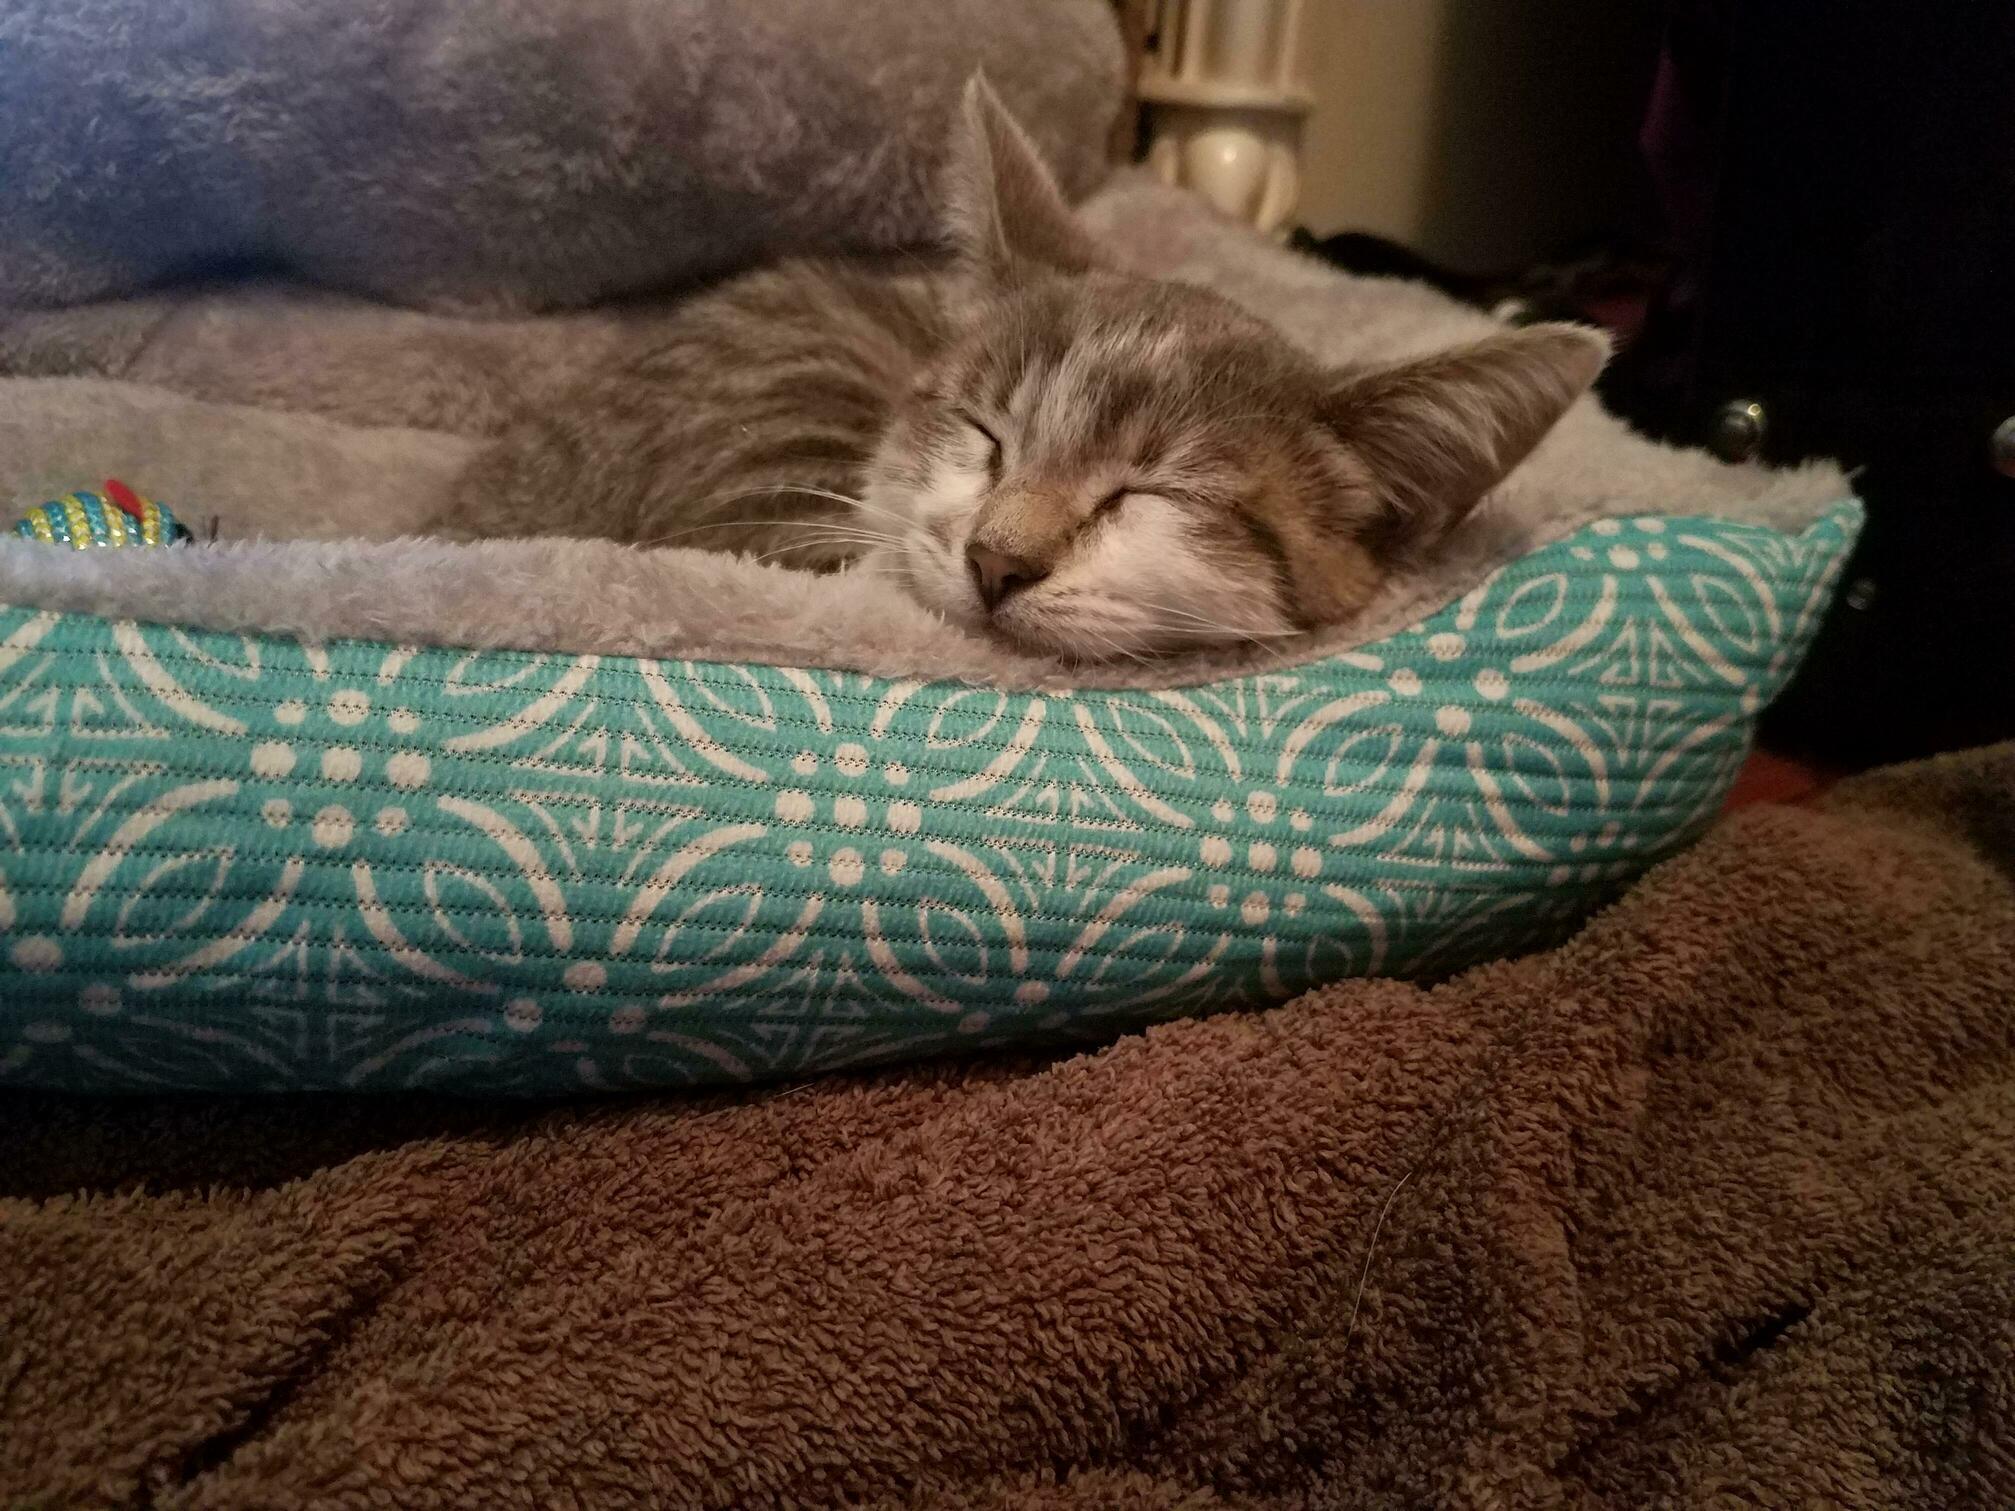 My new kitten, artemis!